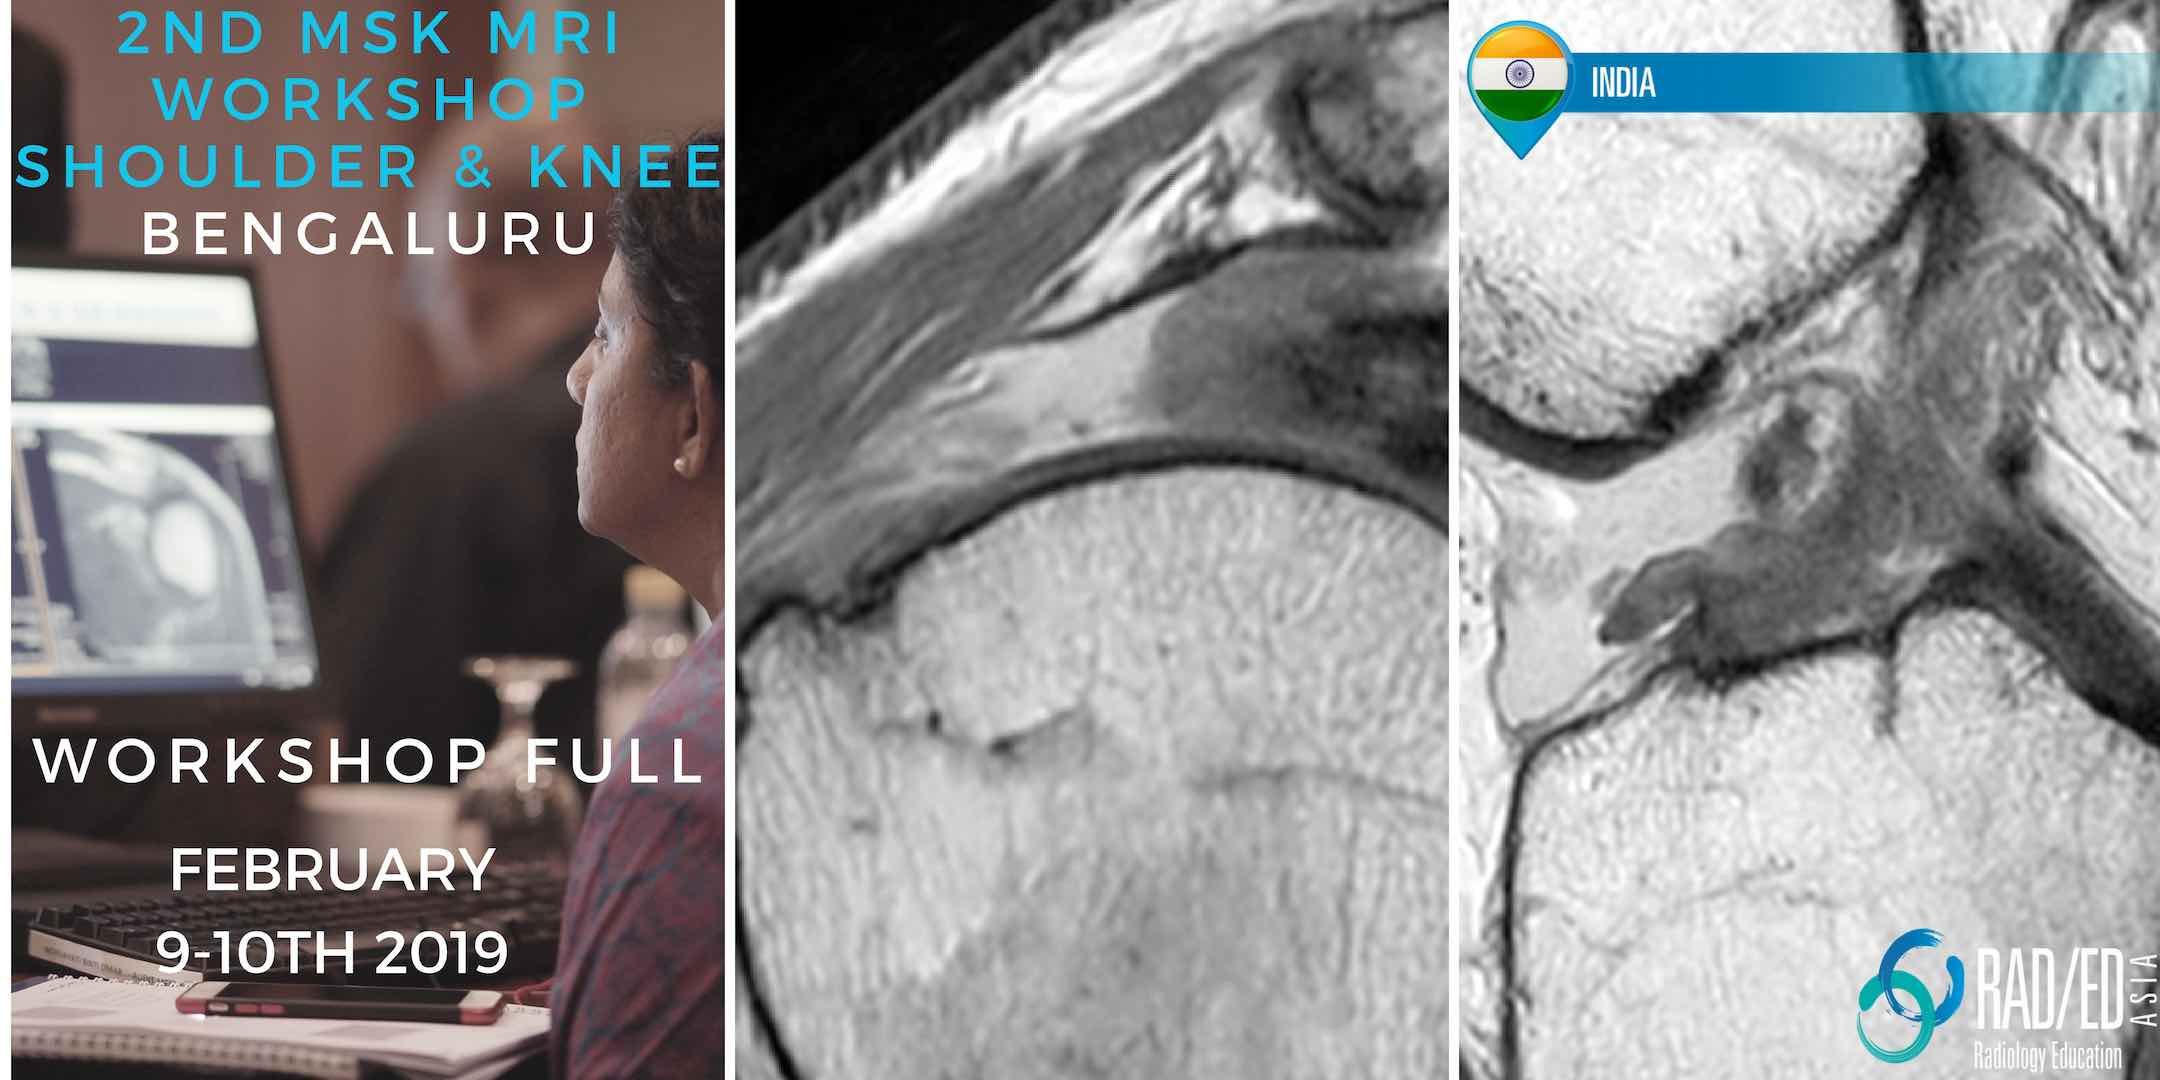 radiology conference mri knee shoulder msk bangalore india radedasia